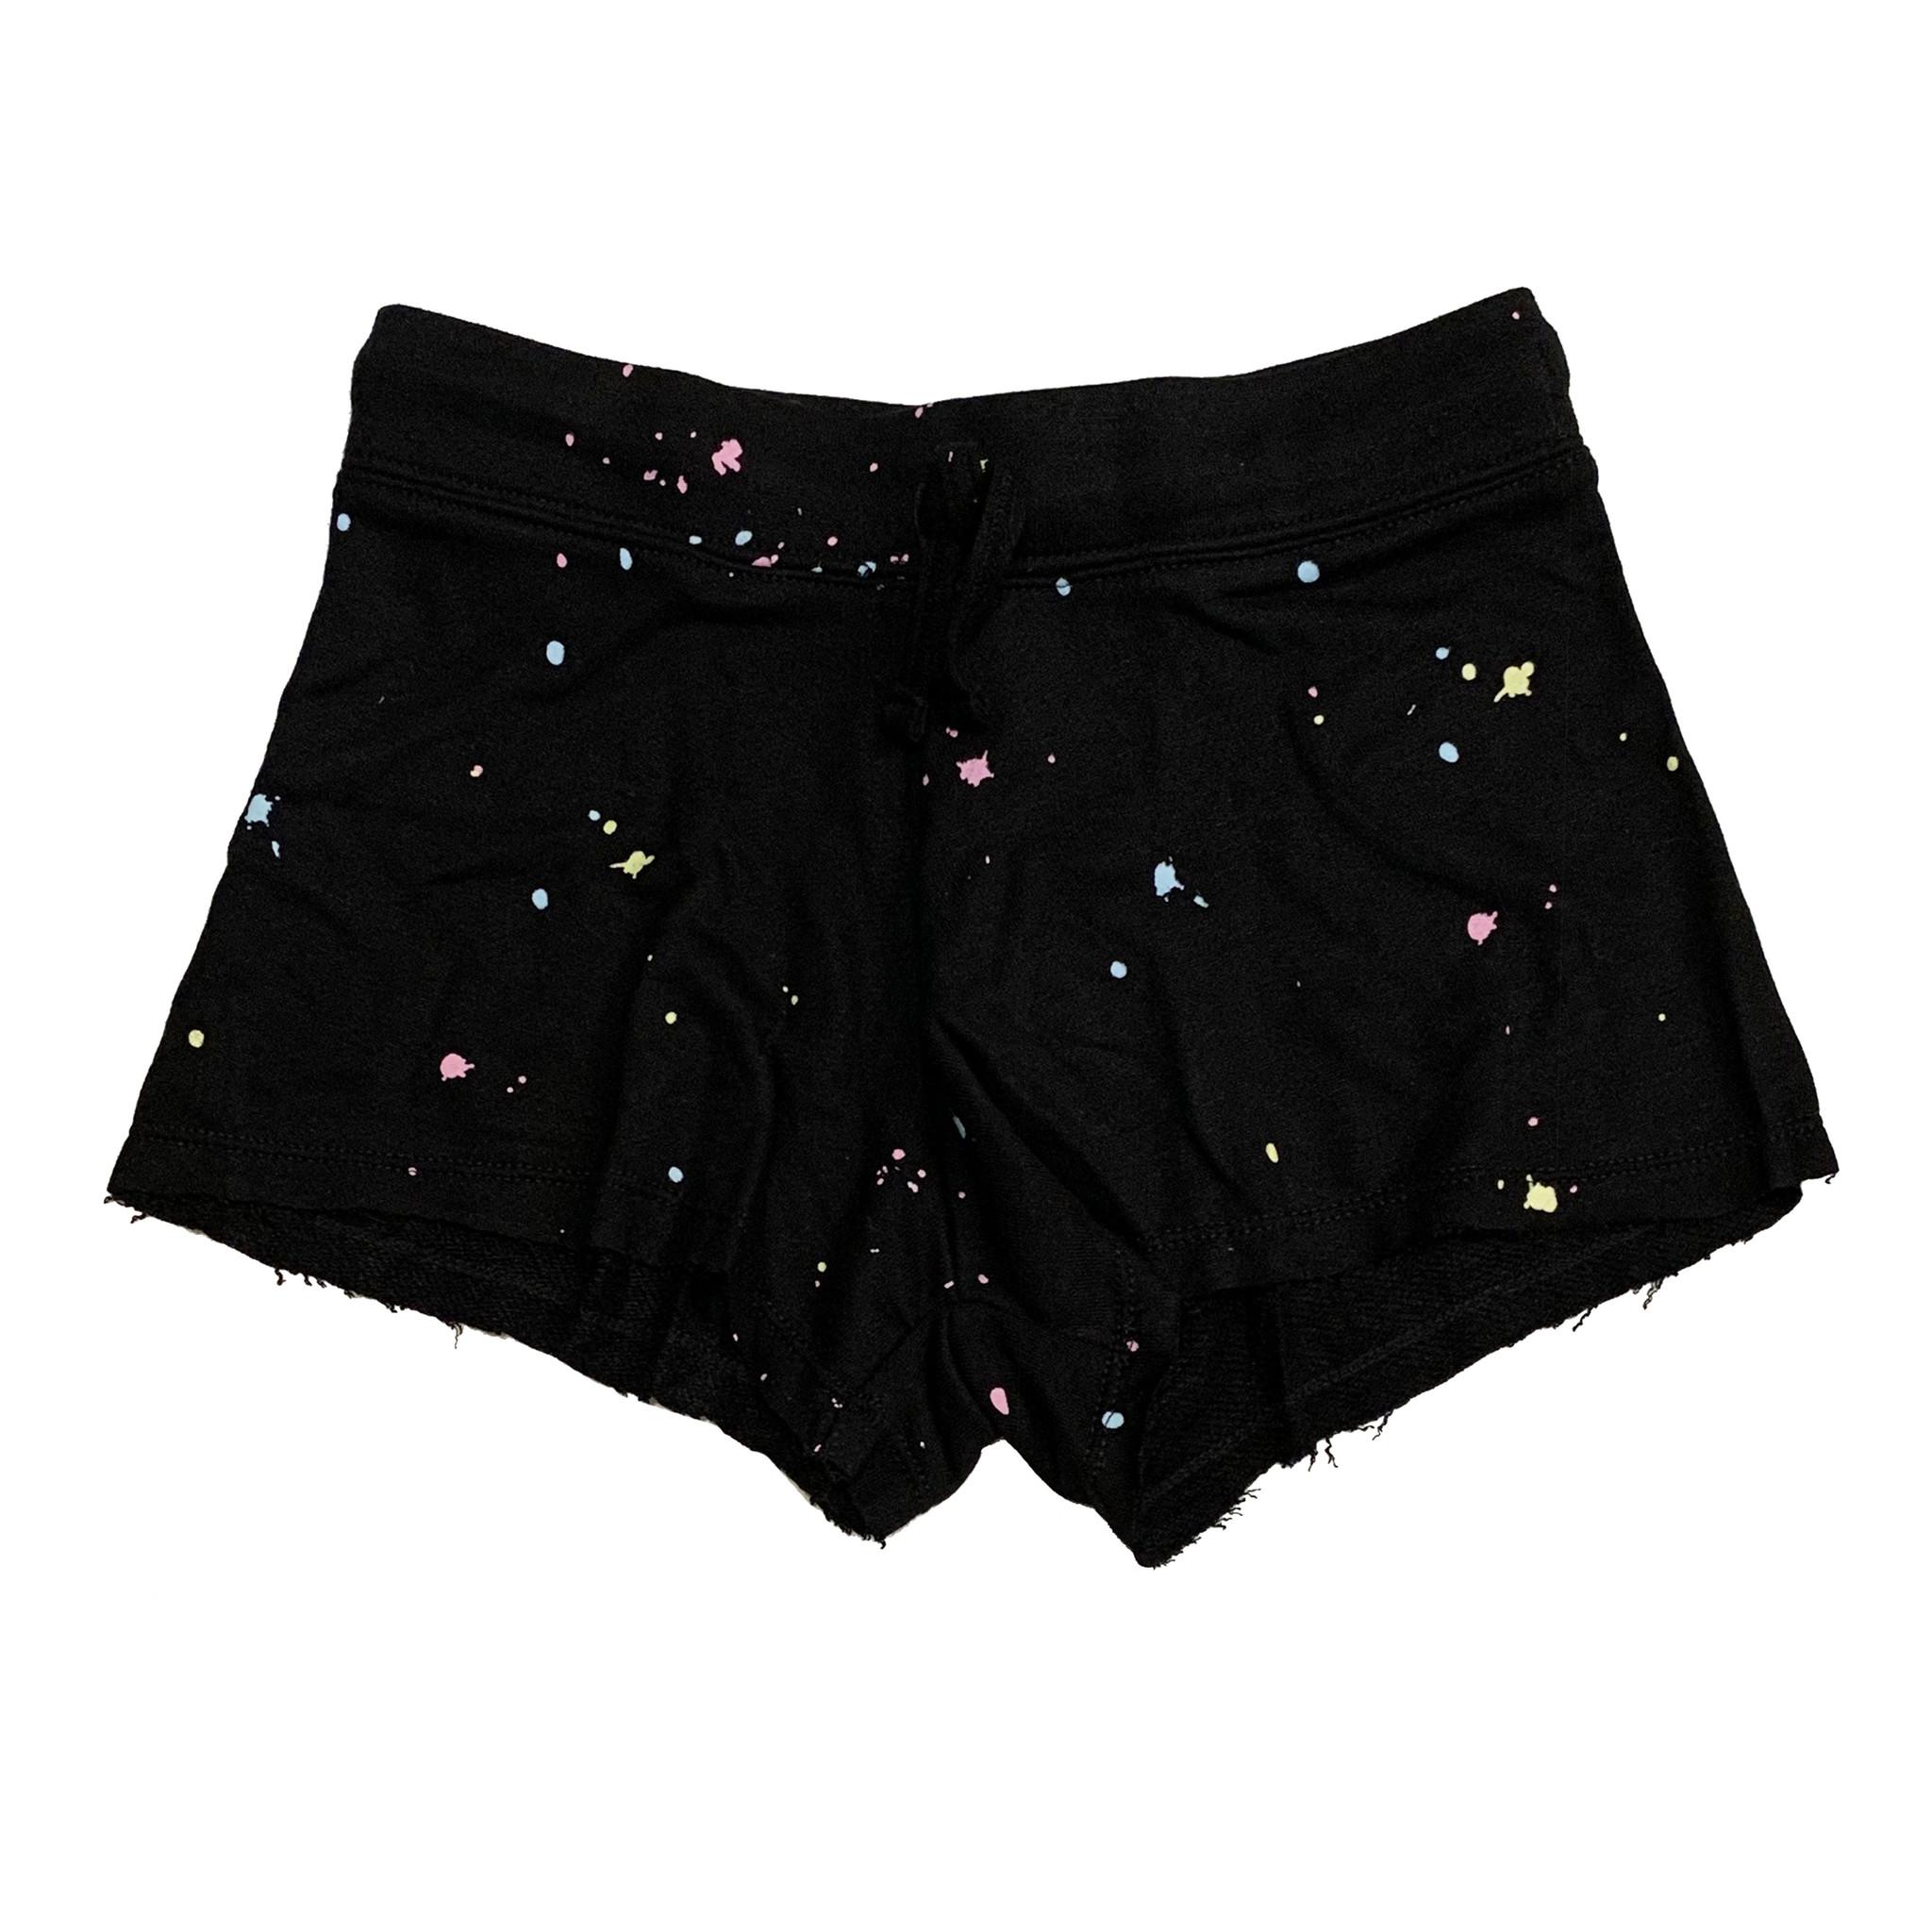 Flowers by Zoe Black Splatter Sweat Shorts